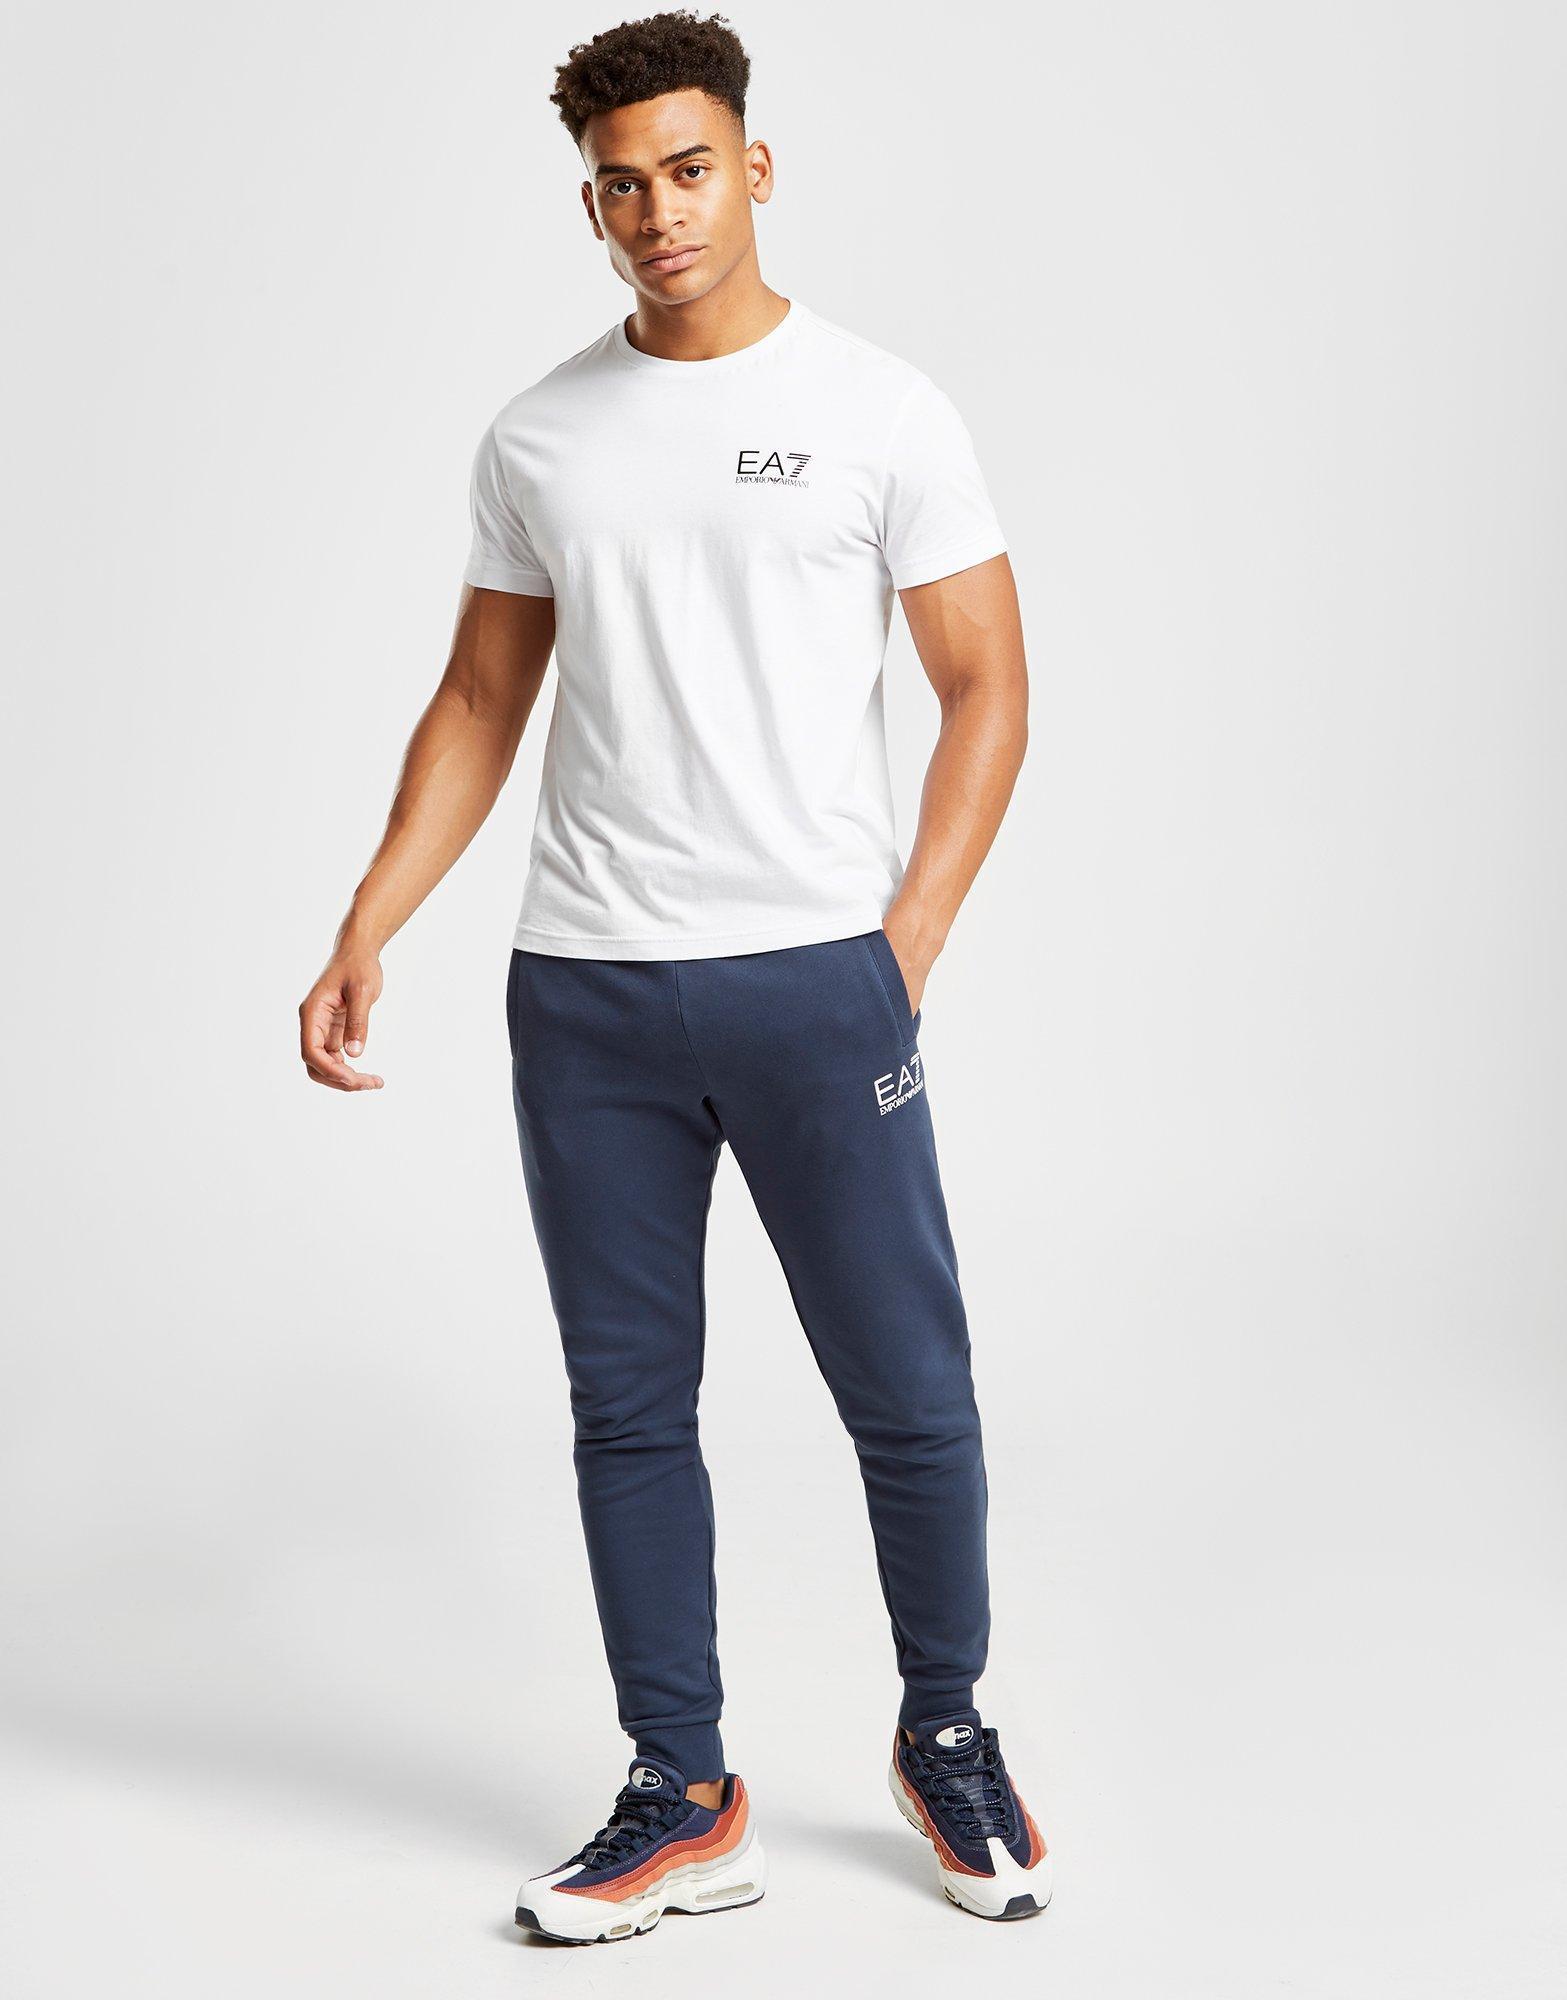 fe2d2d97 Lyst - Ea7 Core Fleece Track Pants in Blue for Men